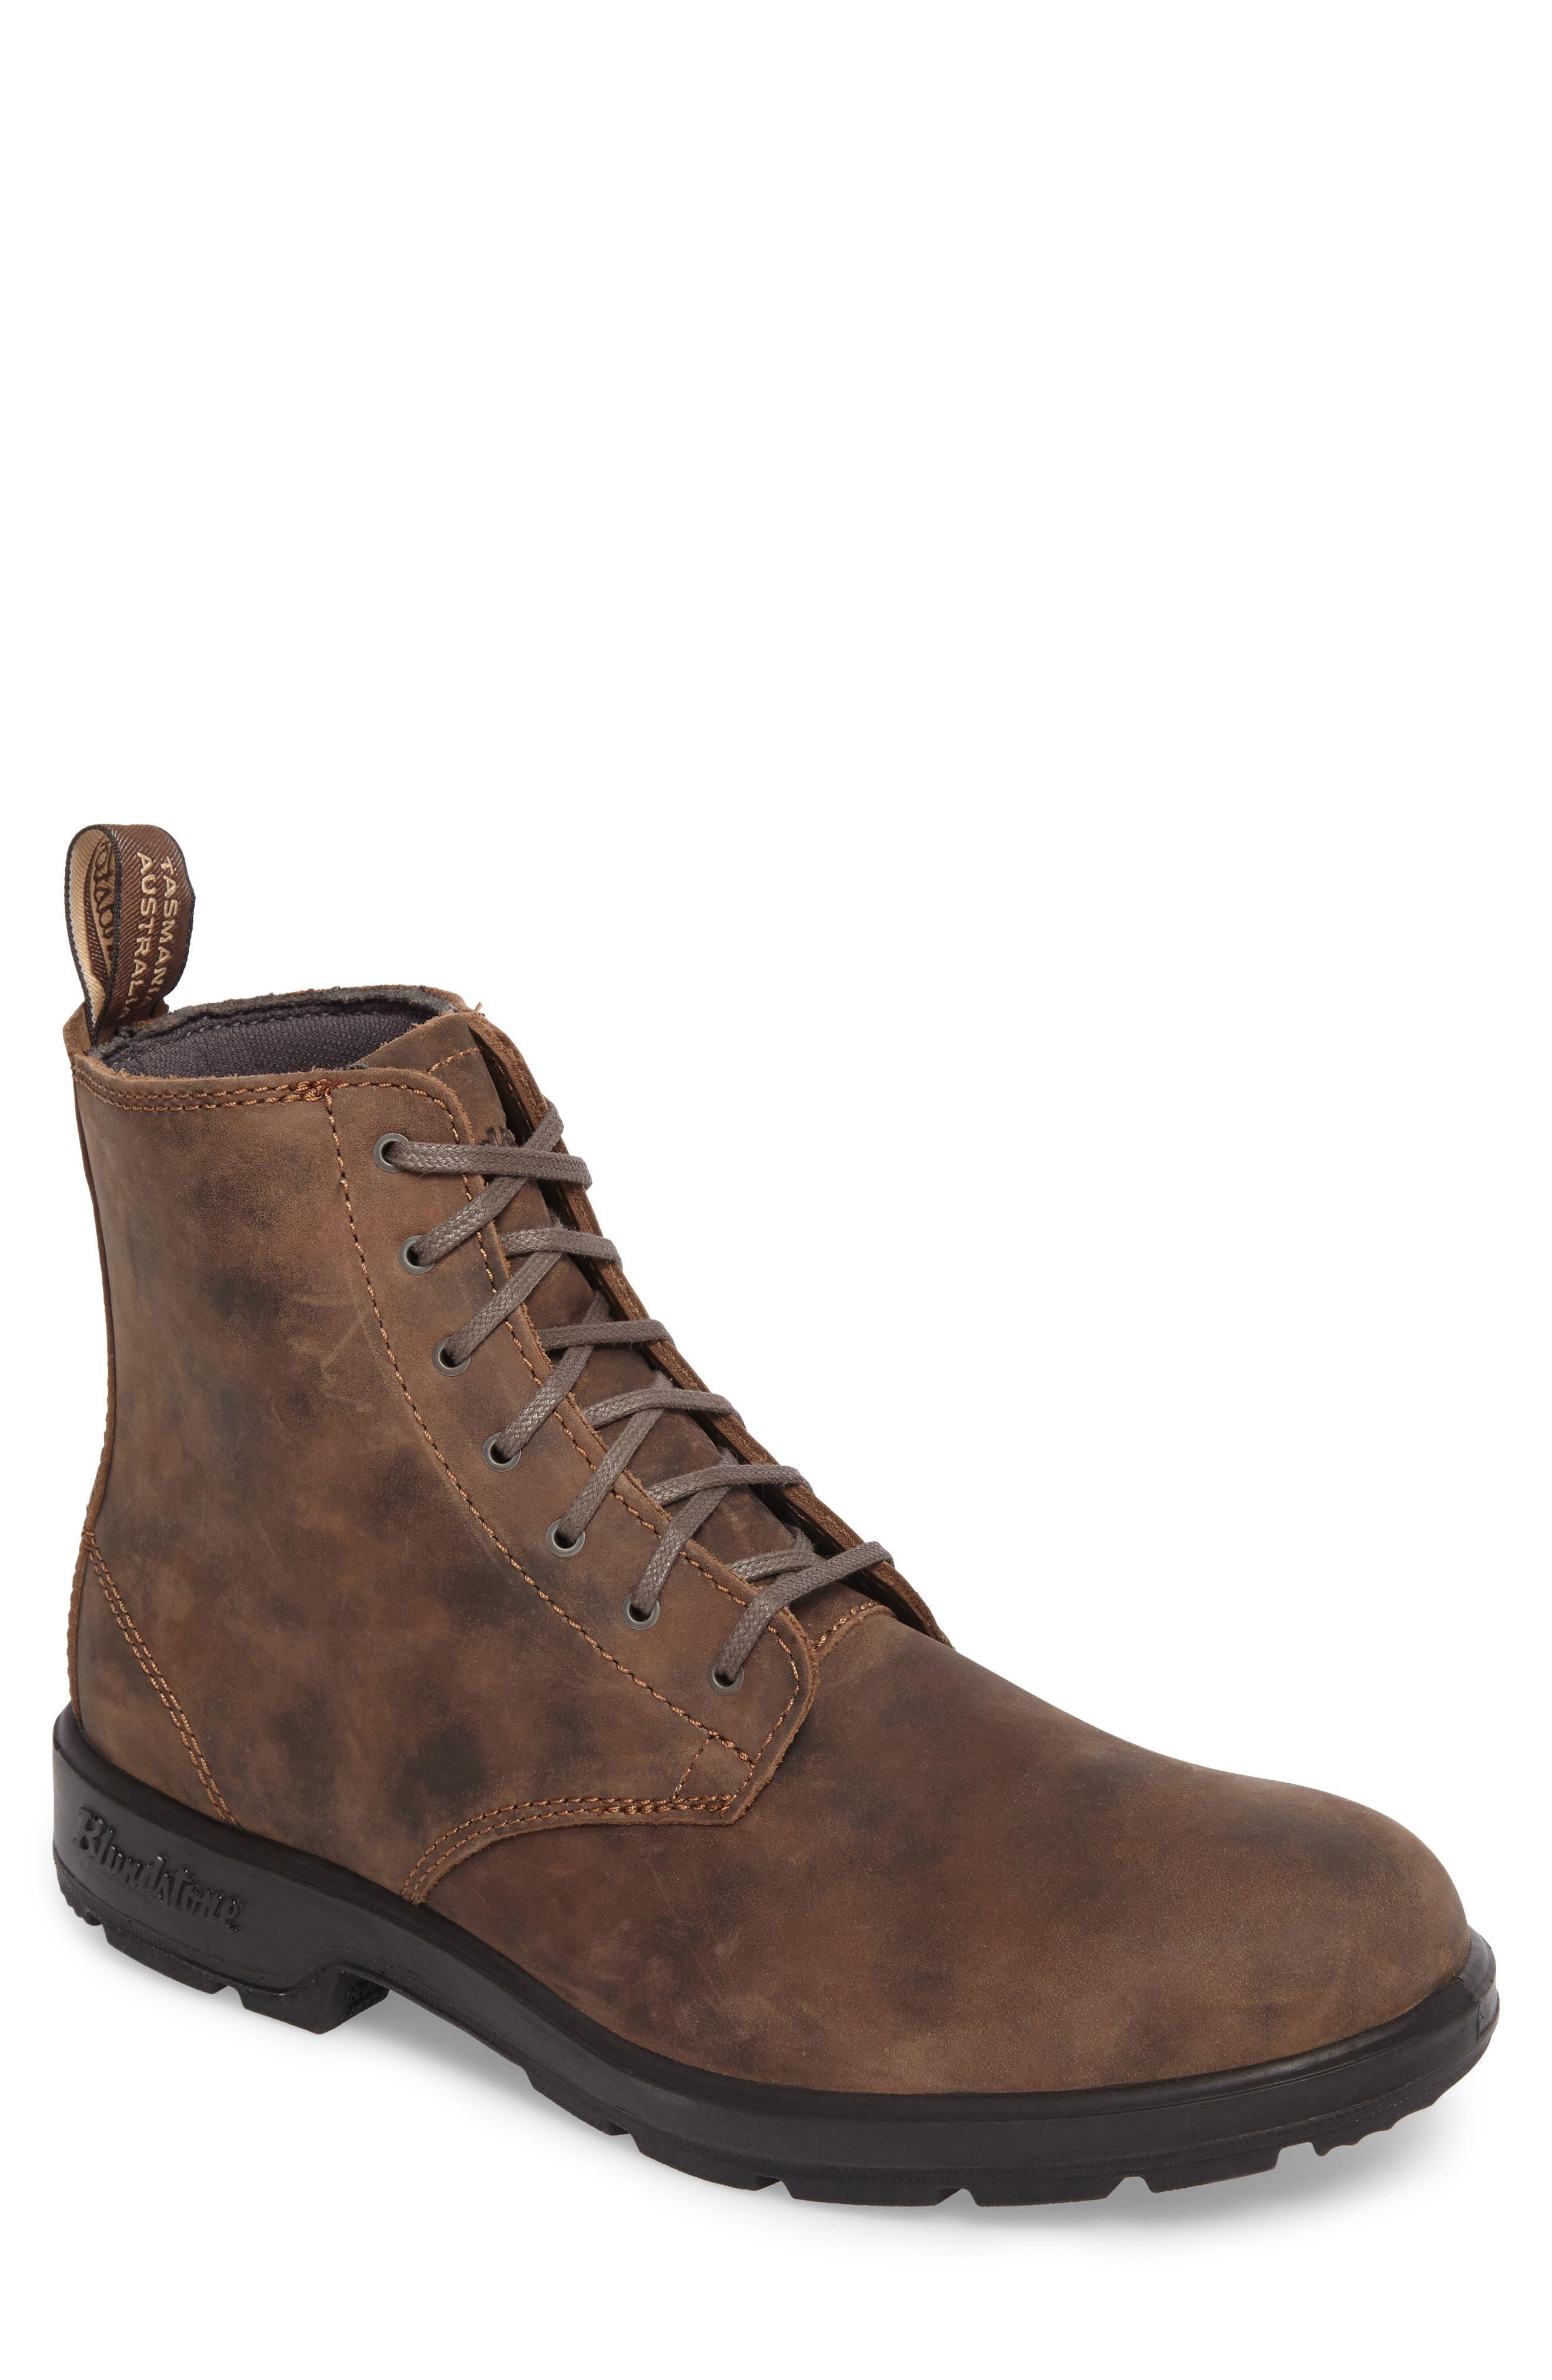 Original Plain Toe Boot,                         Main,                         color, Rustic Brown Leather